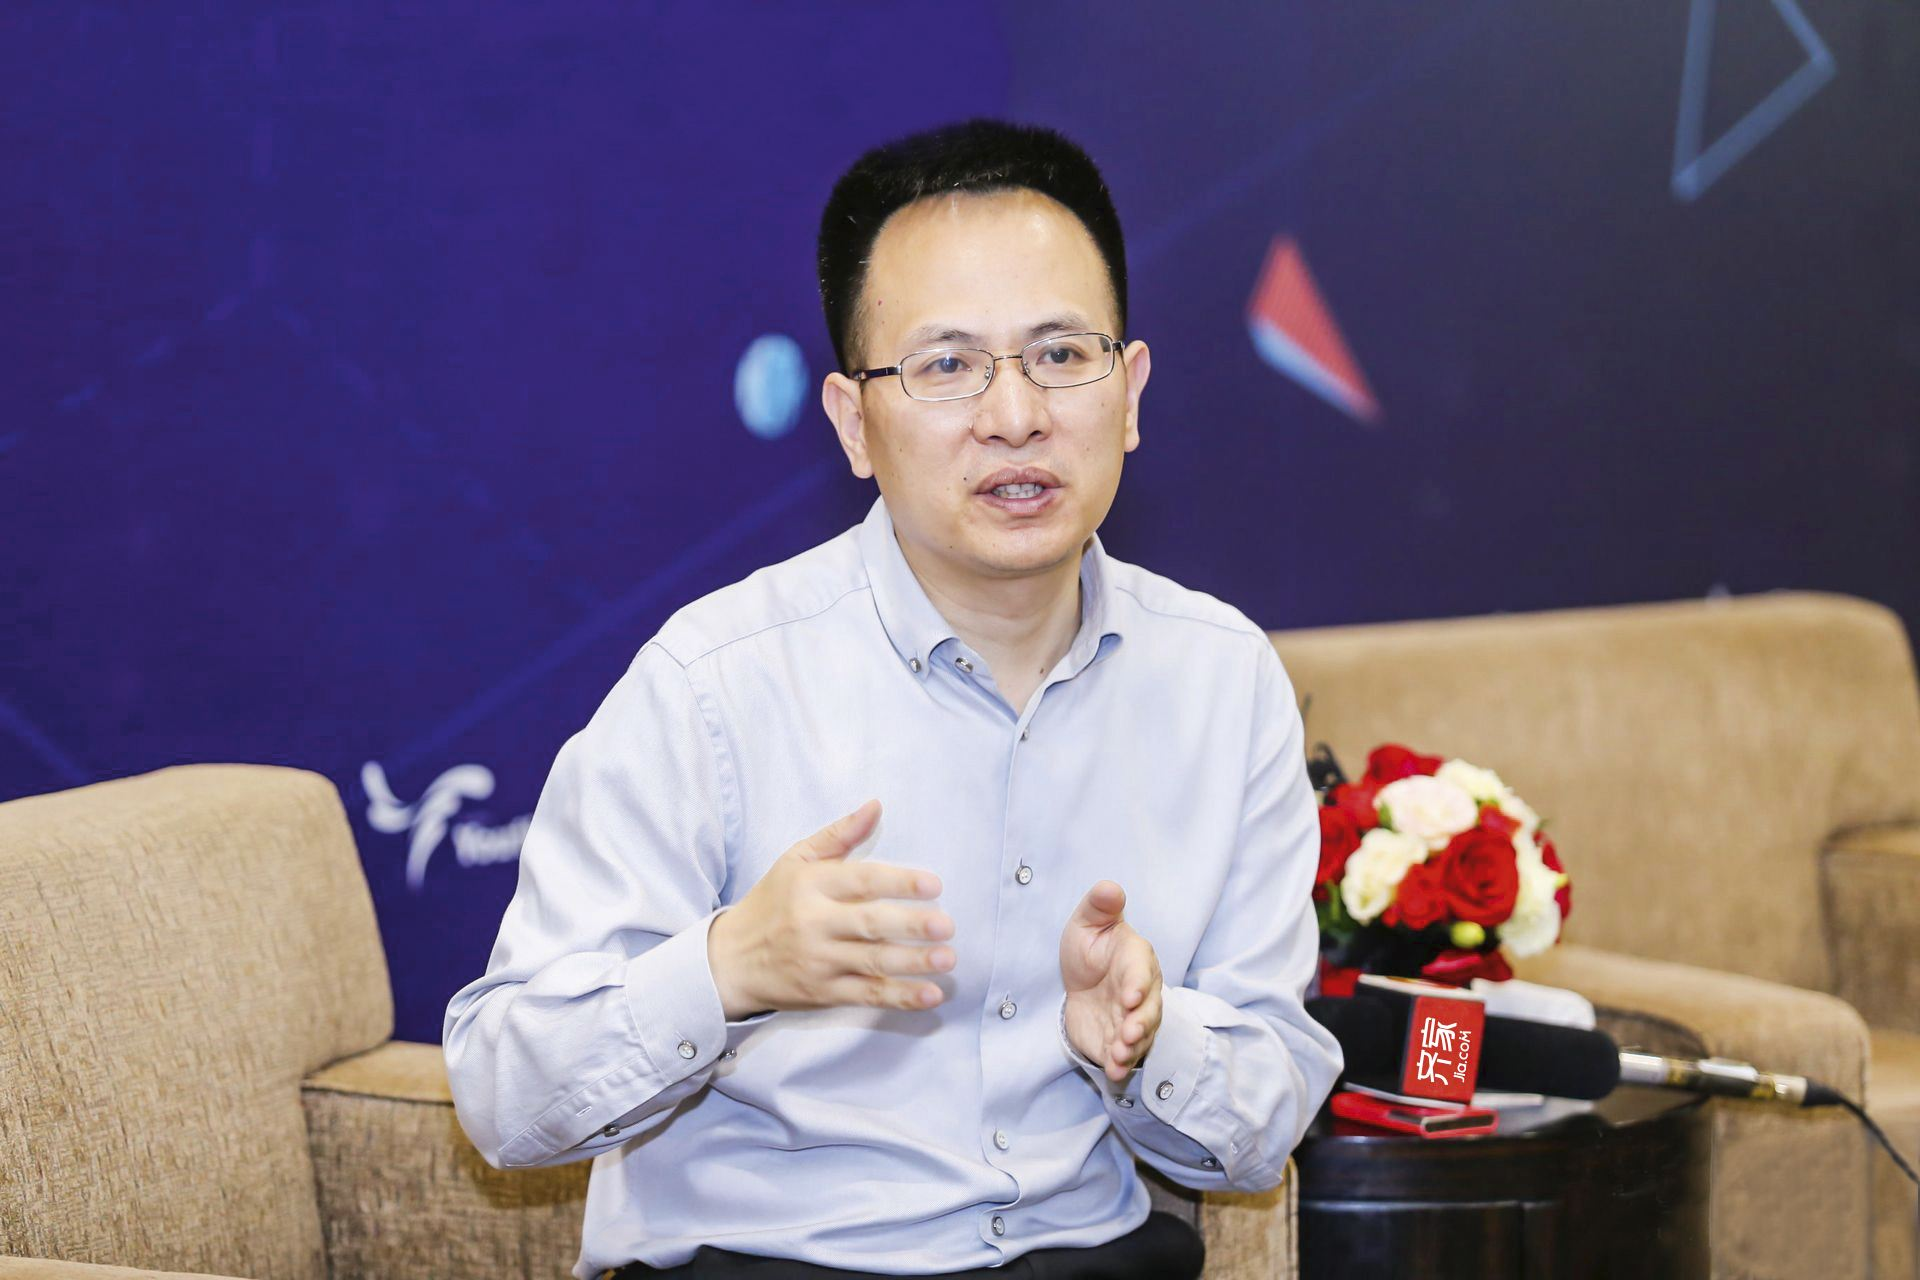 齐家网上市前发内部信:已成为中国最大的互联网家装平台 | 钛快讯